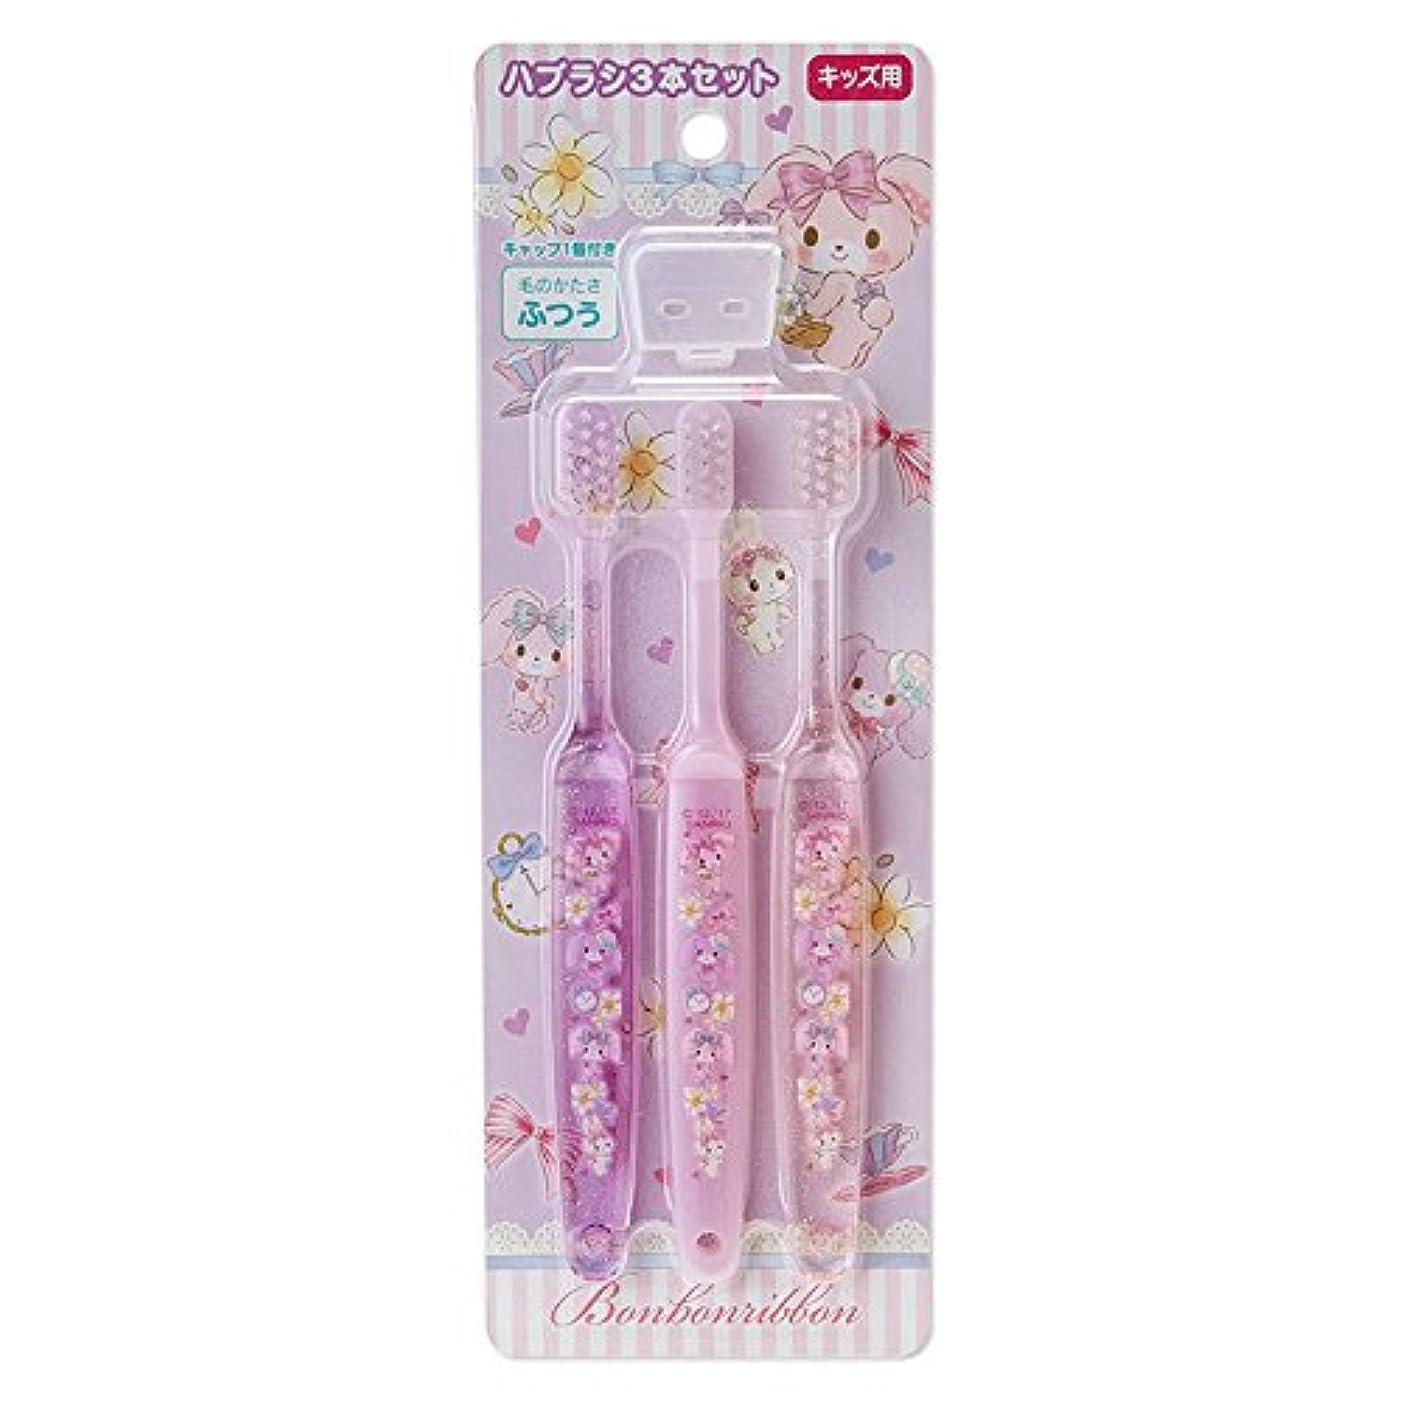 神学校贅沢な砂利ぼんぼんりぼん キッズ歯ブラシ3本セット